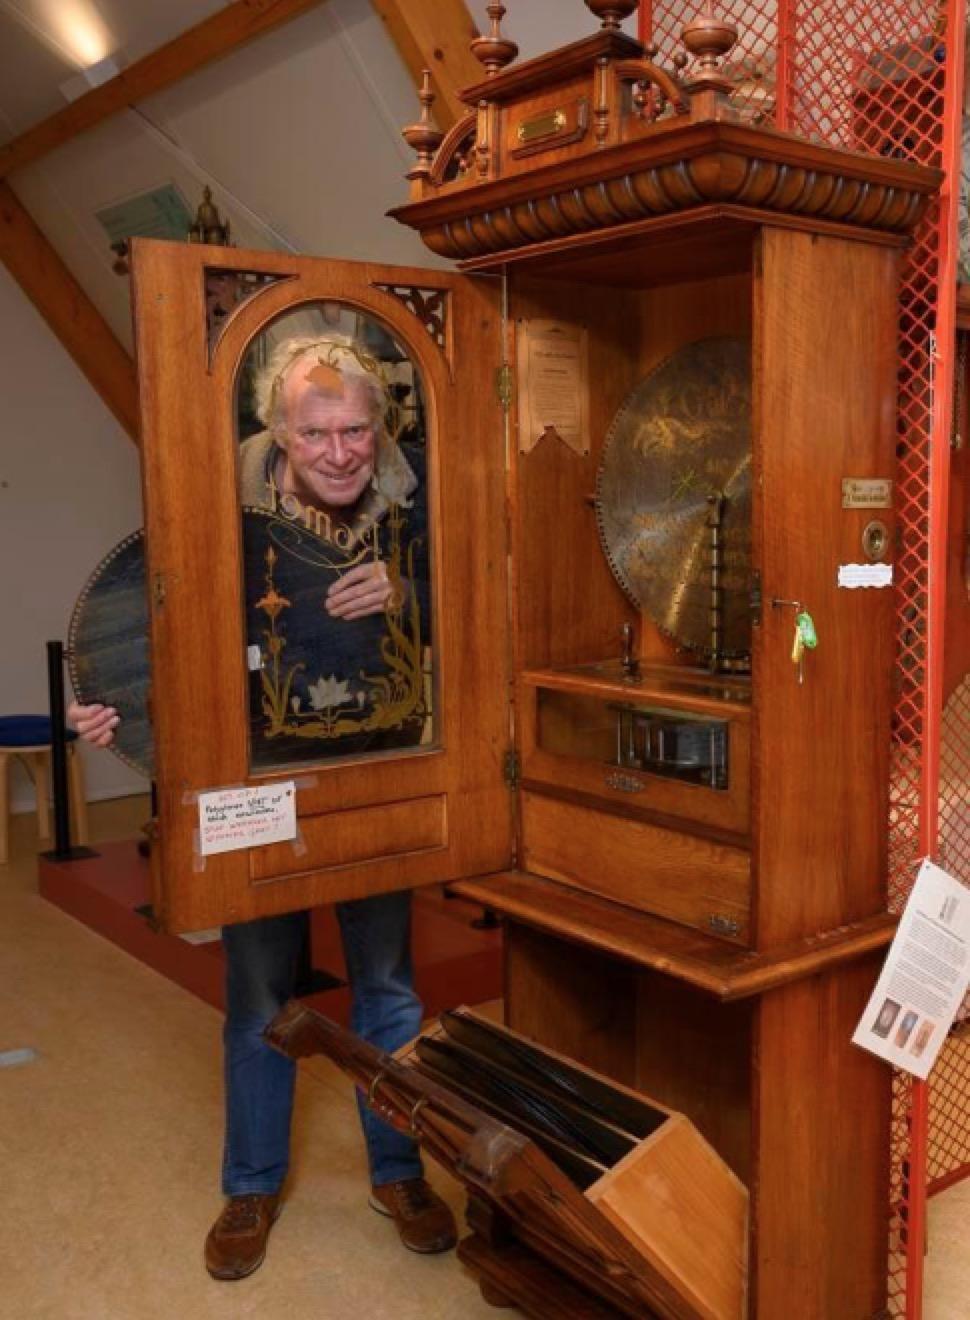 De voorloper van de jukebox: na een kroegleven in Monnickendams museum De Speeltoren [video]